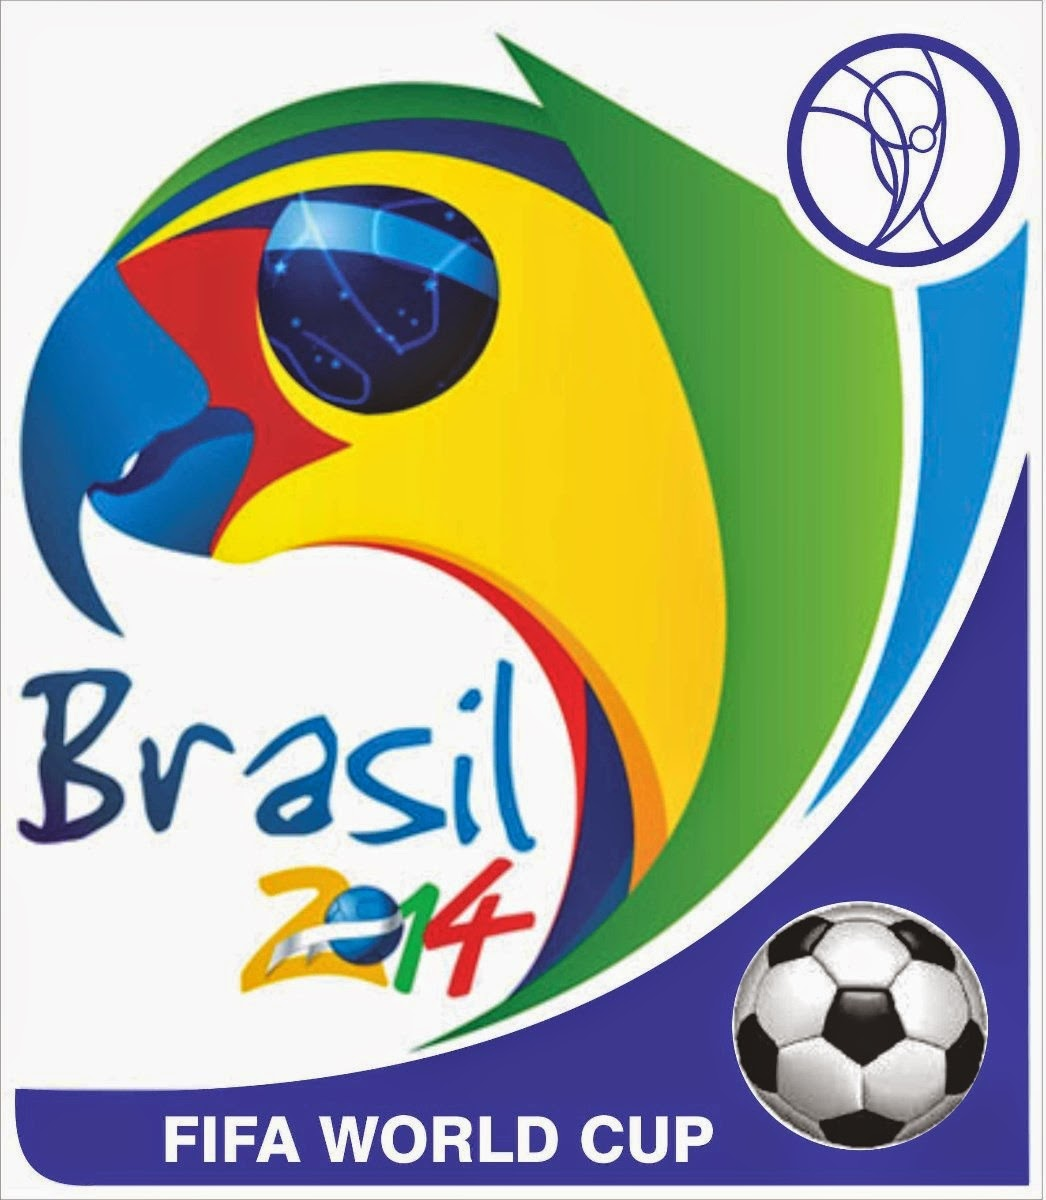 Os feriados em dias de jogos da seleção brasileira na copa do mundo.